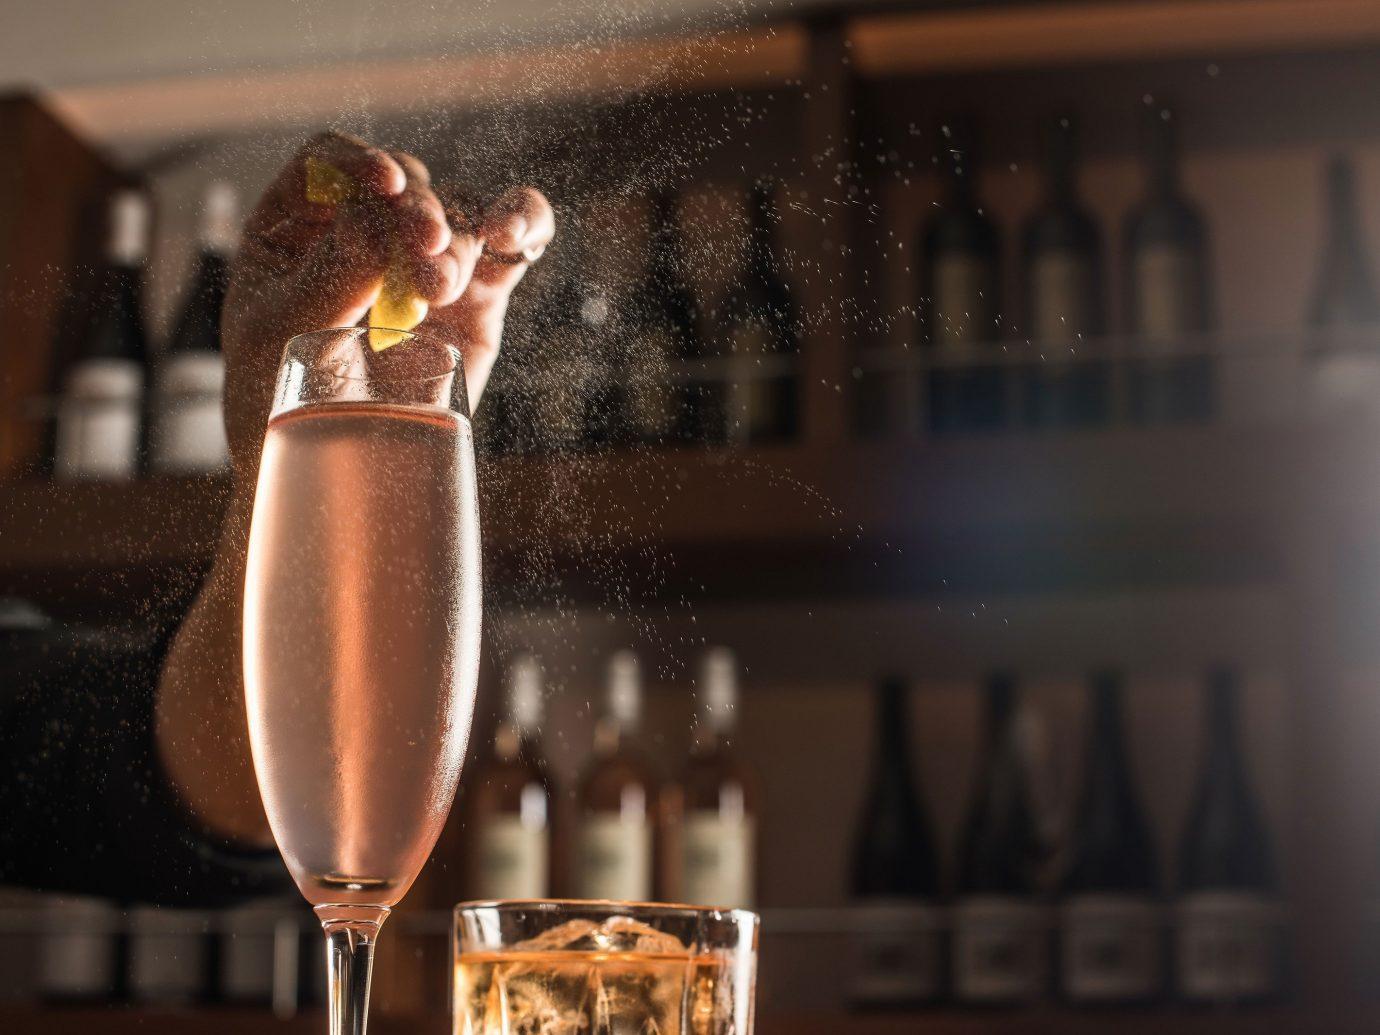 Summer Series indoor wine table Drink glass alcoholic beverage sense distilled beverage cocktail half Bar